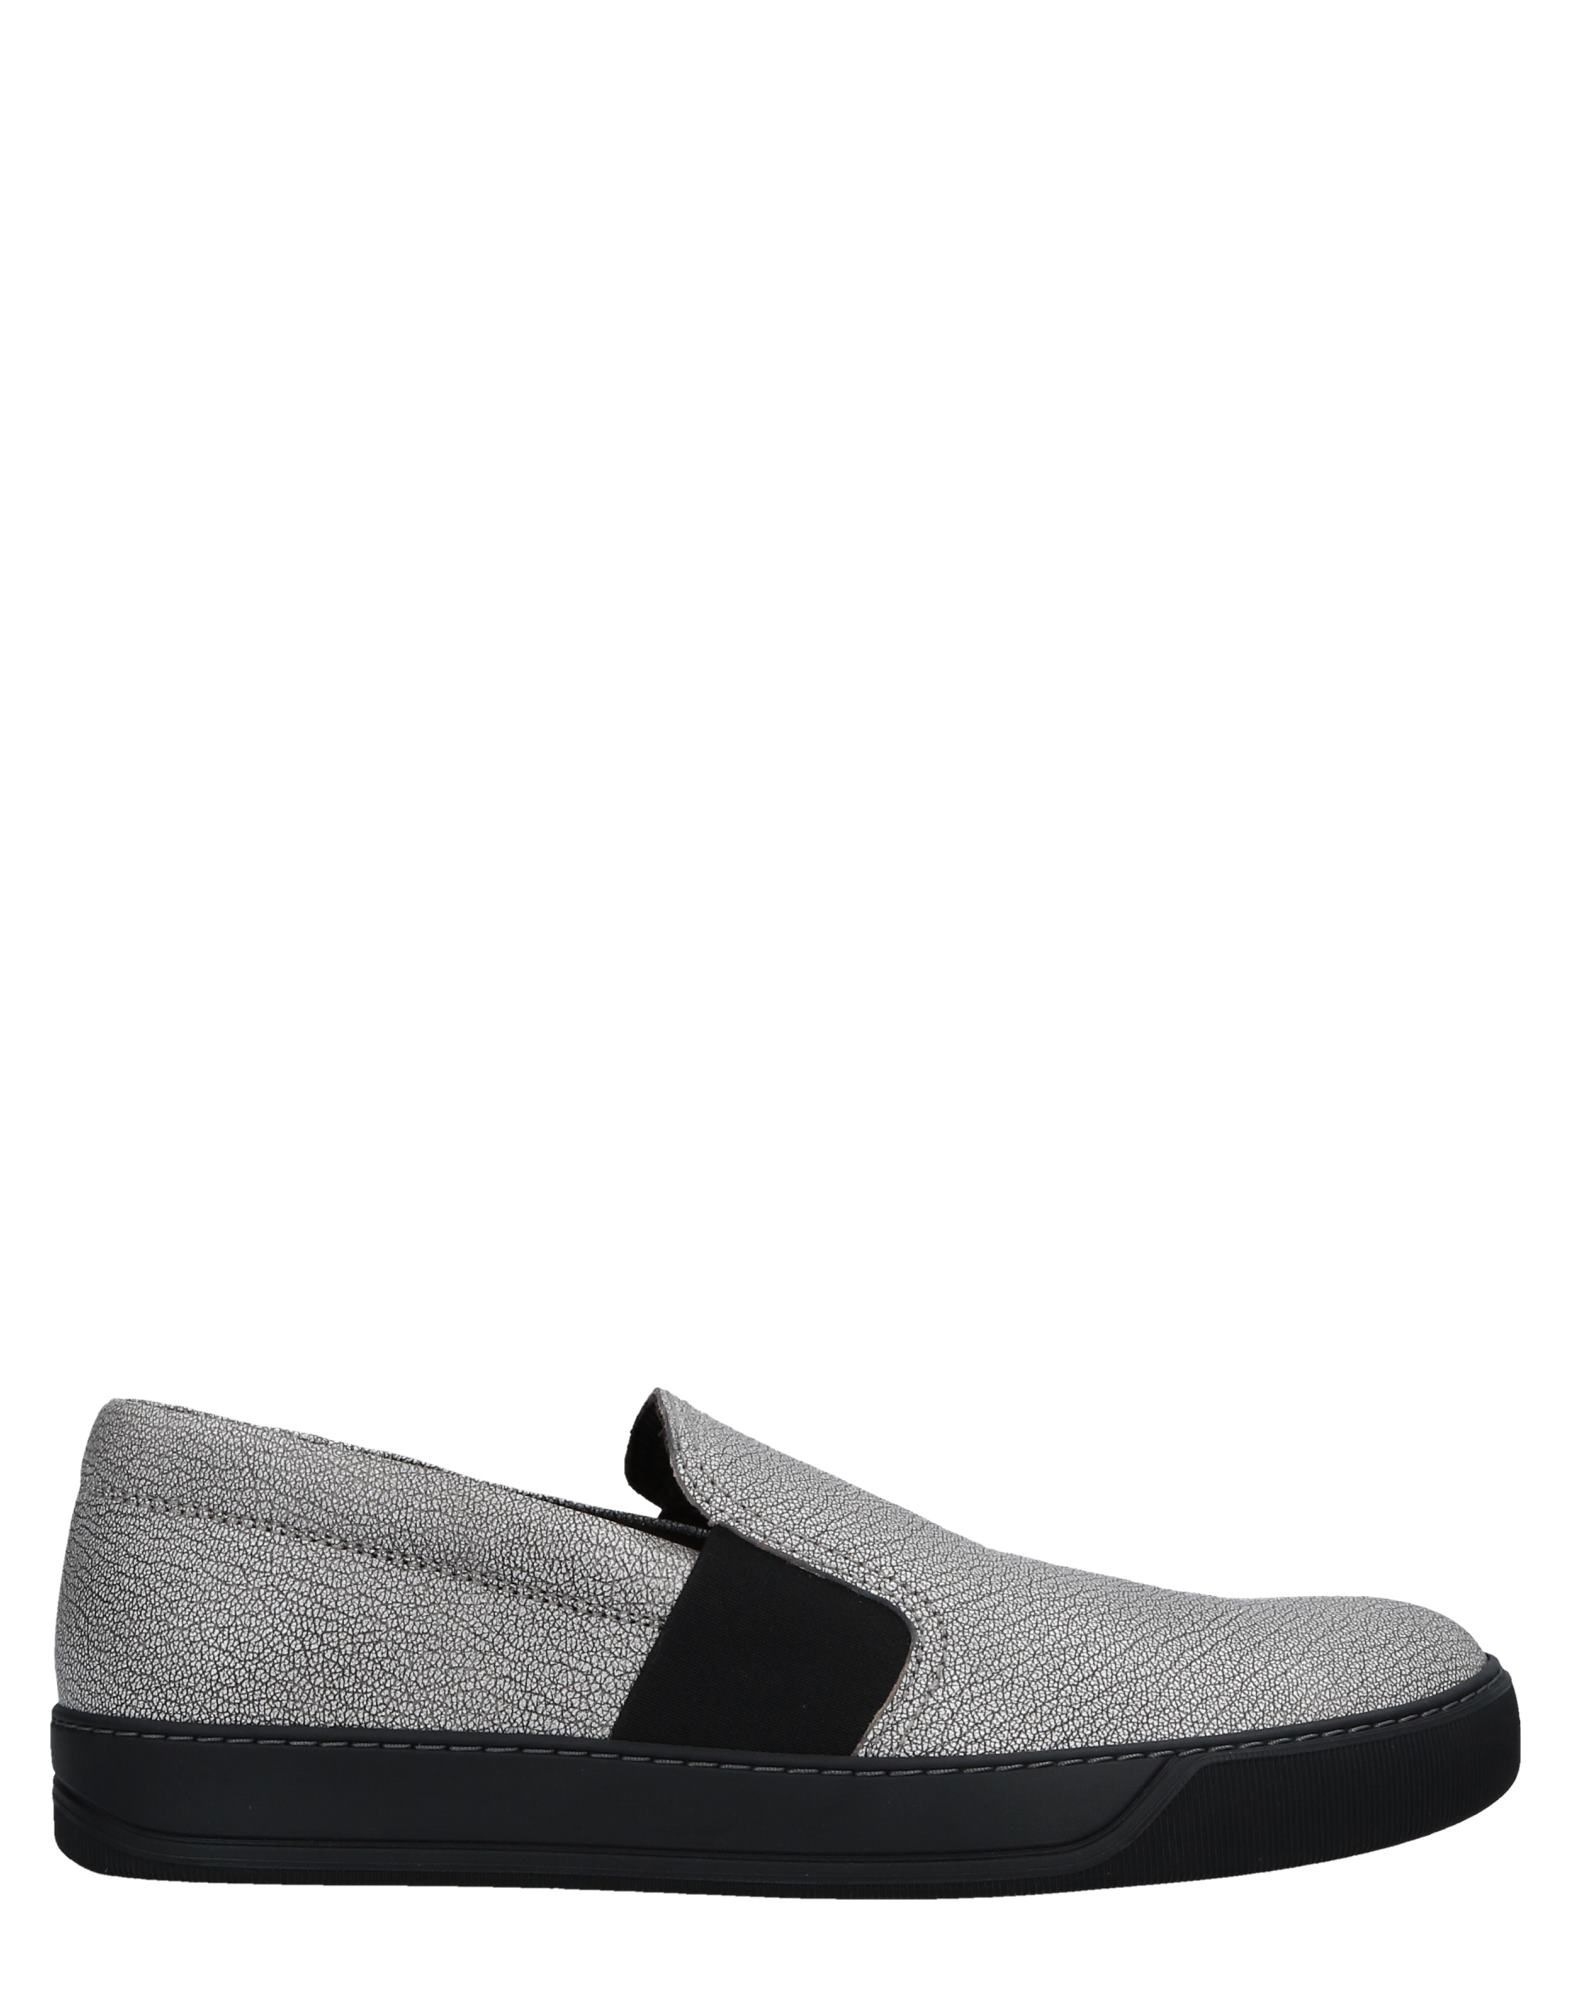 Haltbare Mode billige Schuhe Lanvin Sneakers Herren  11514138LT Heiße Schuhe